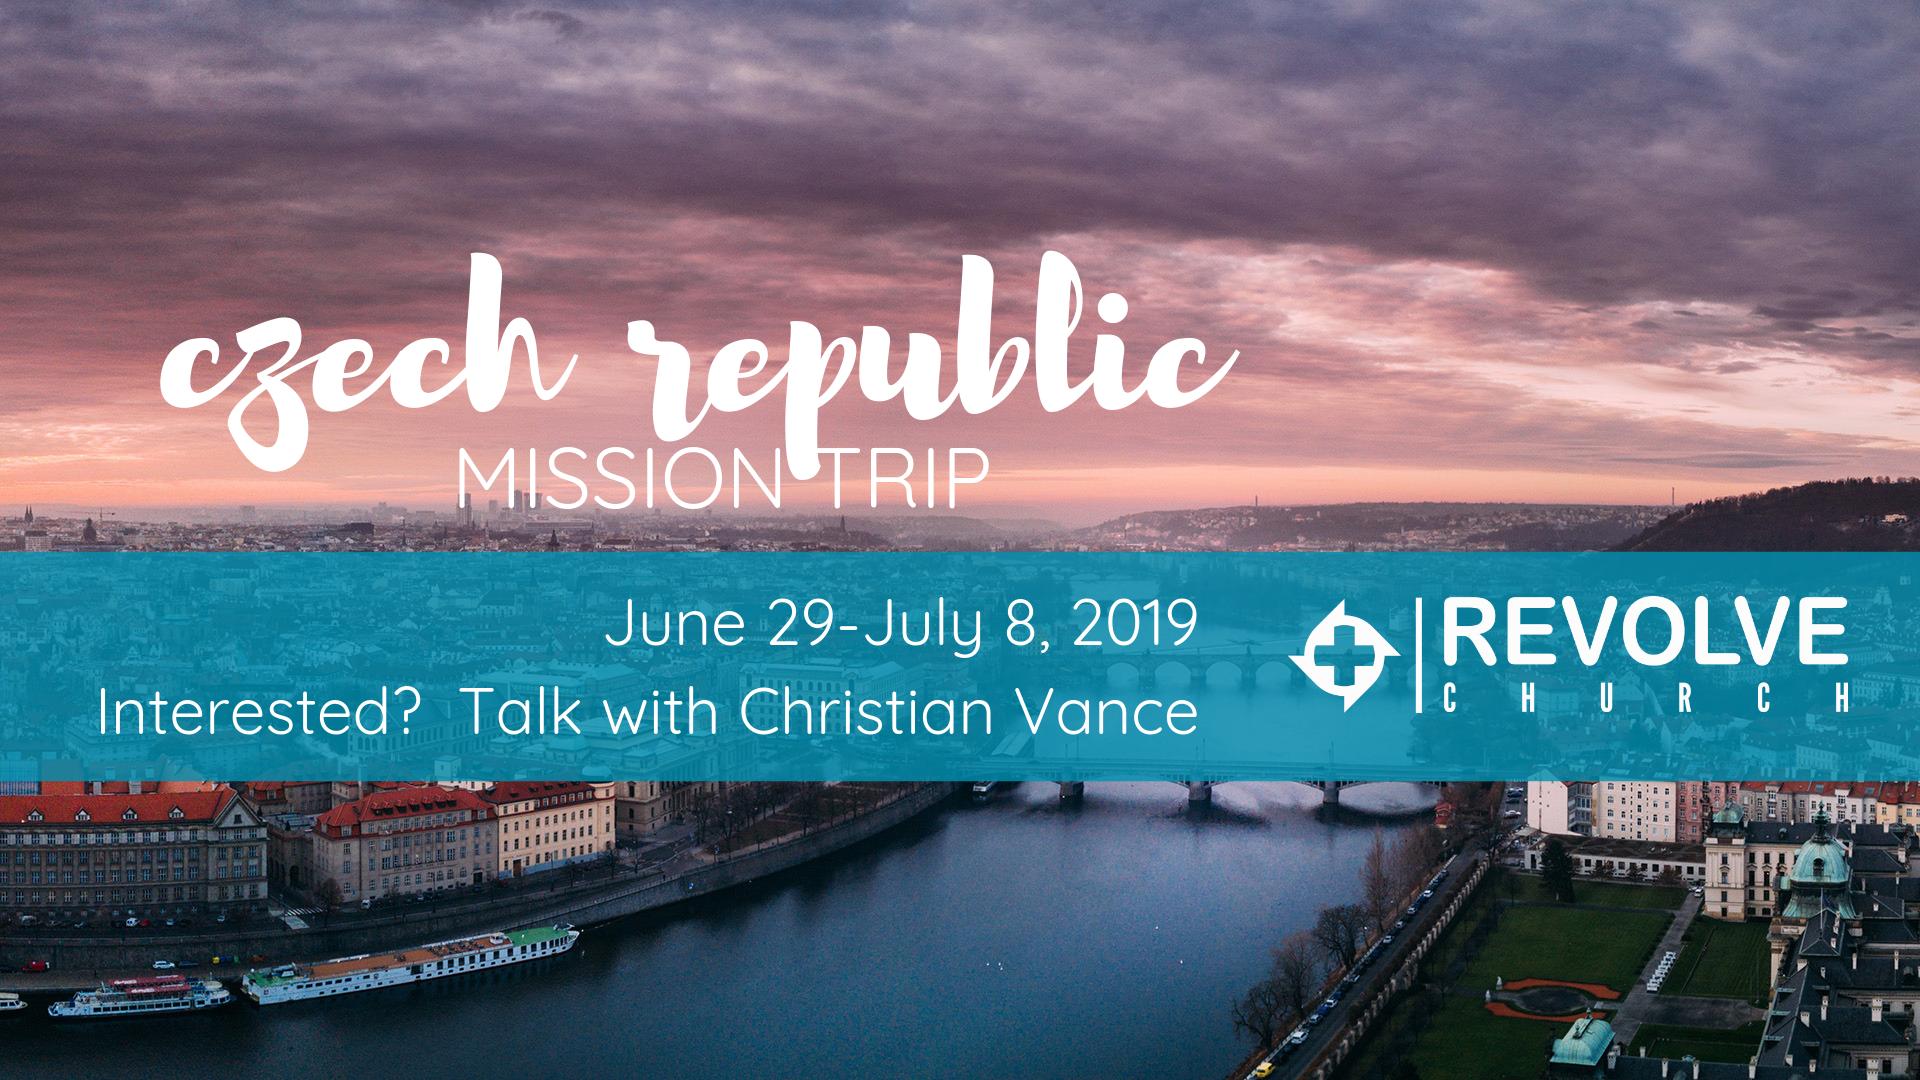 Czech Missions Slide & FB